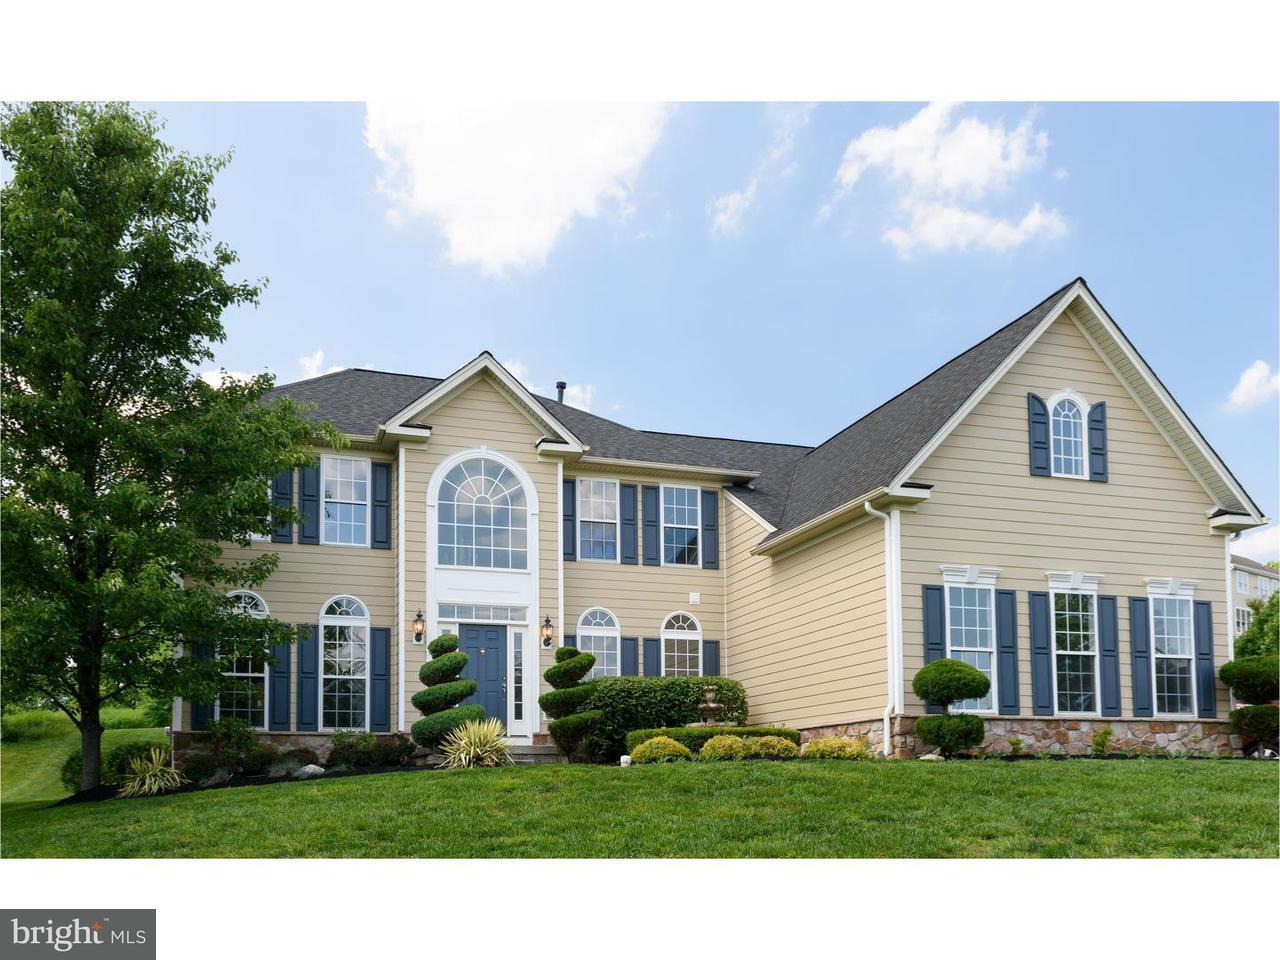 Частный односемейный дом для того Аренда на 1540 TATTERSALL WAY West Chester, Пенсильвания 19380 Соединенные Штаты